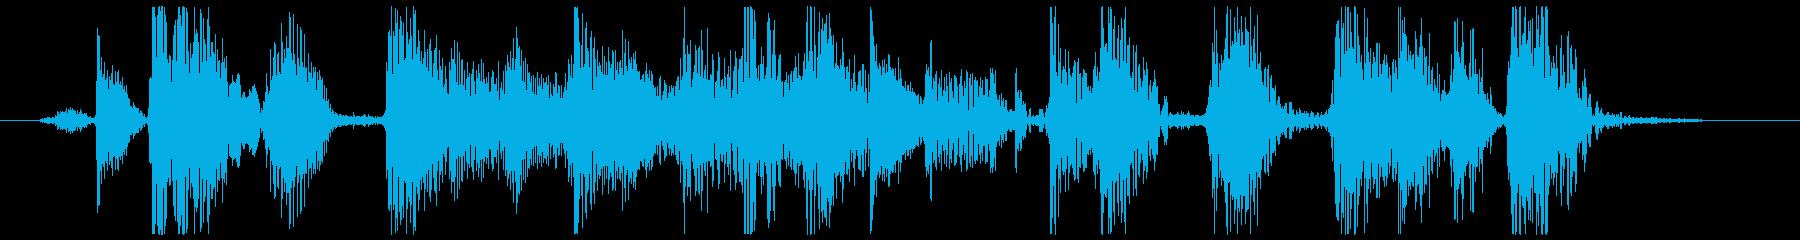 ファンキーでホーンメインのジングルの再生済みの波形